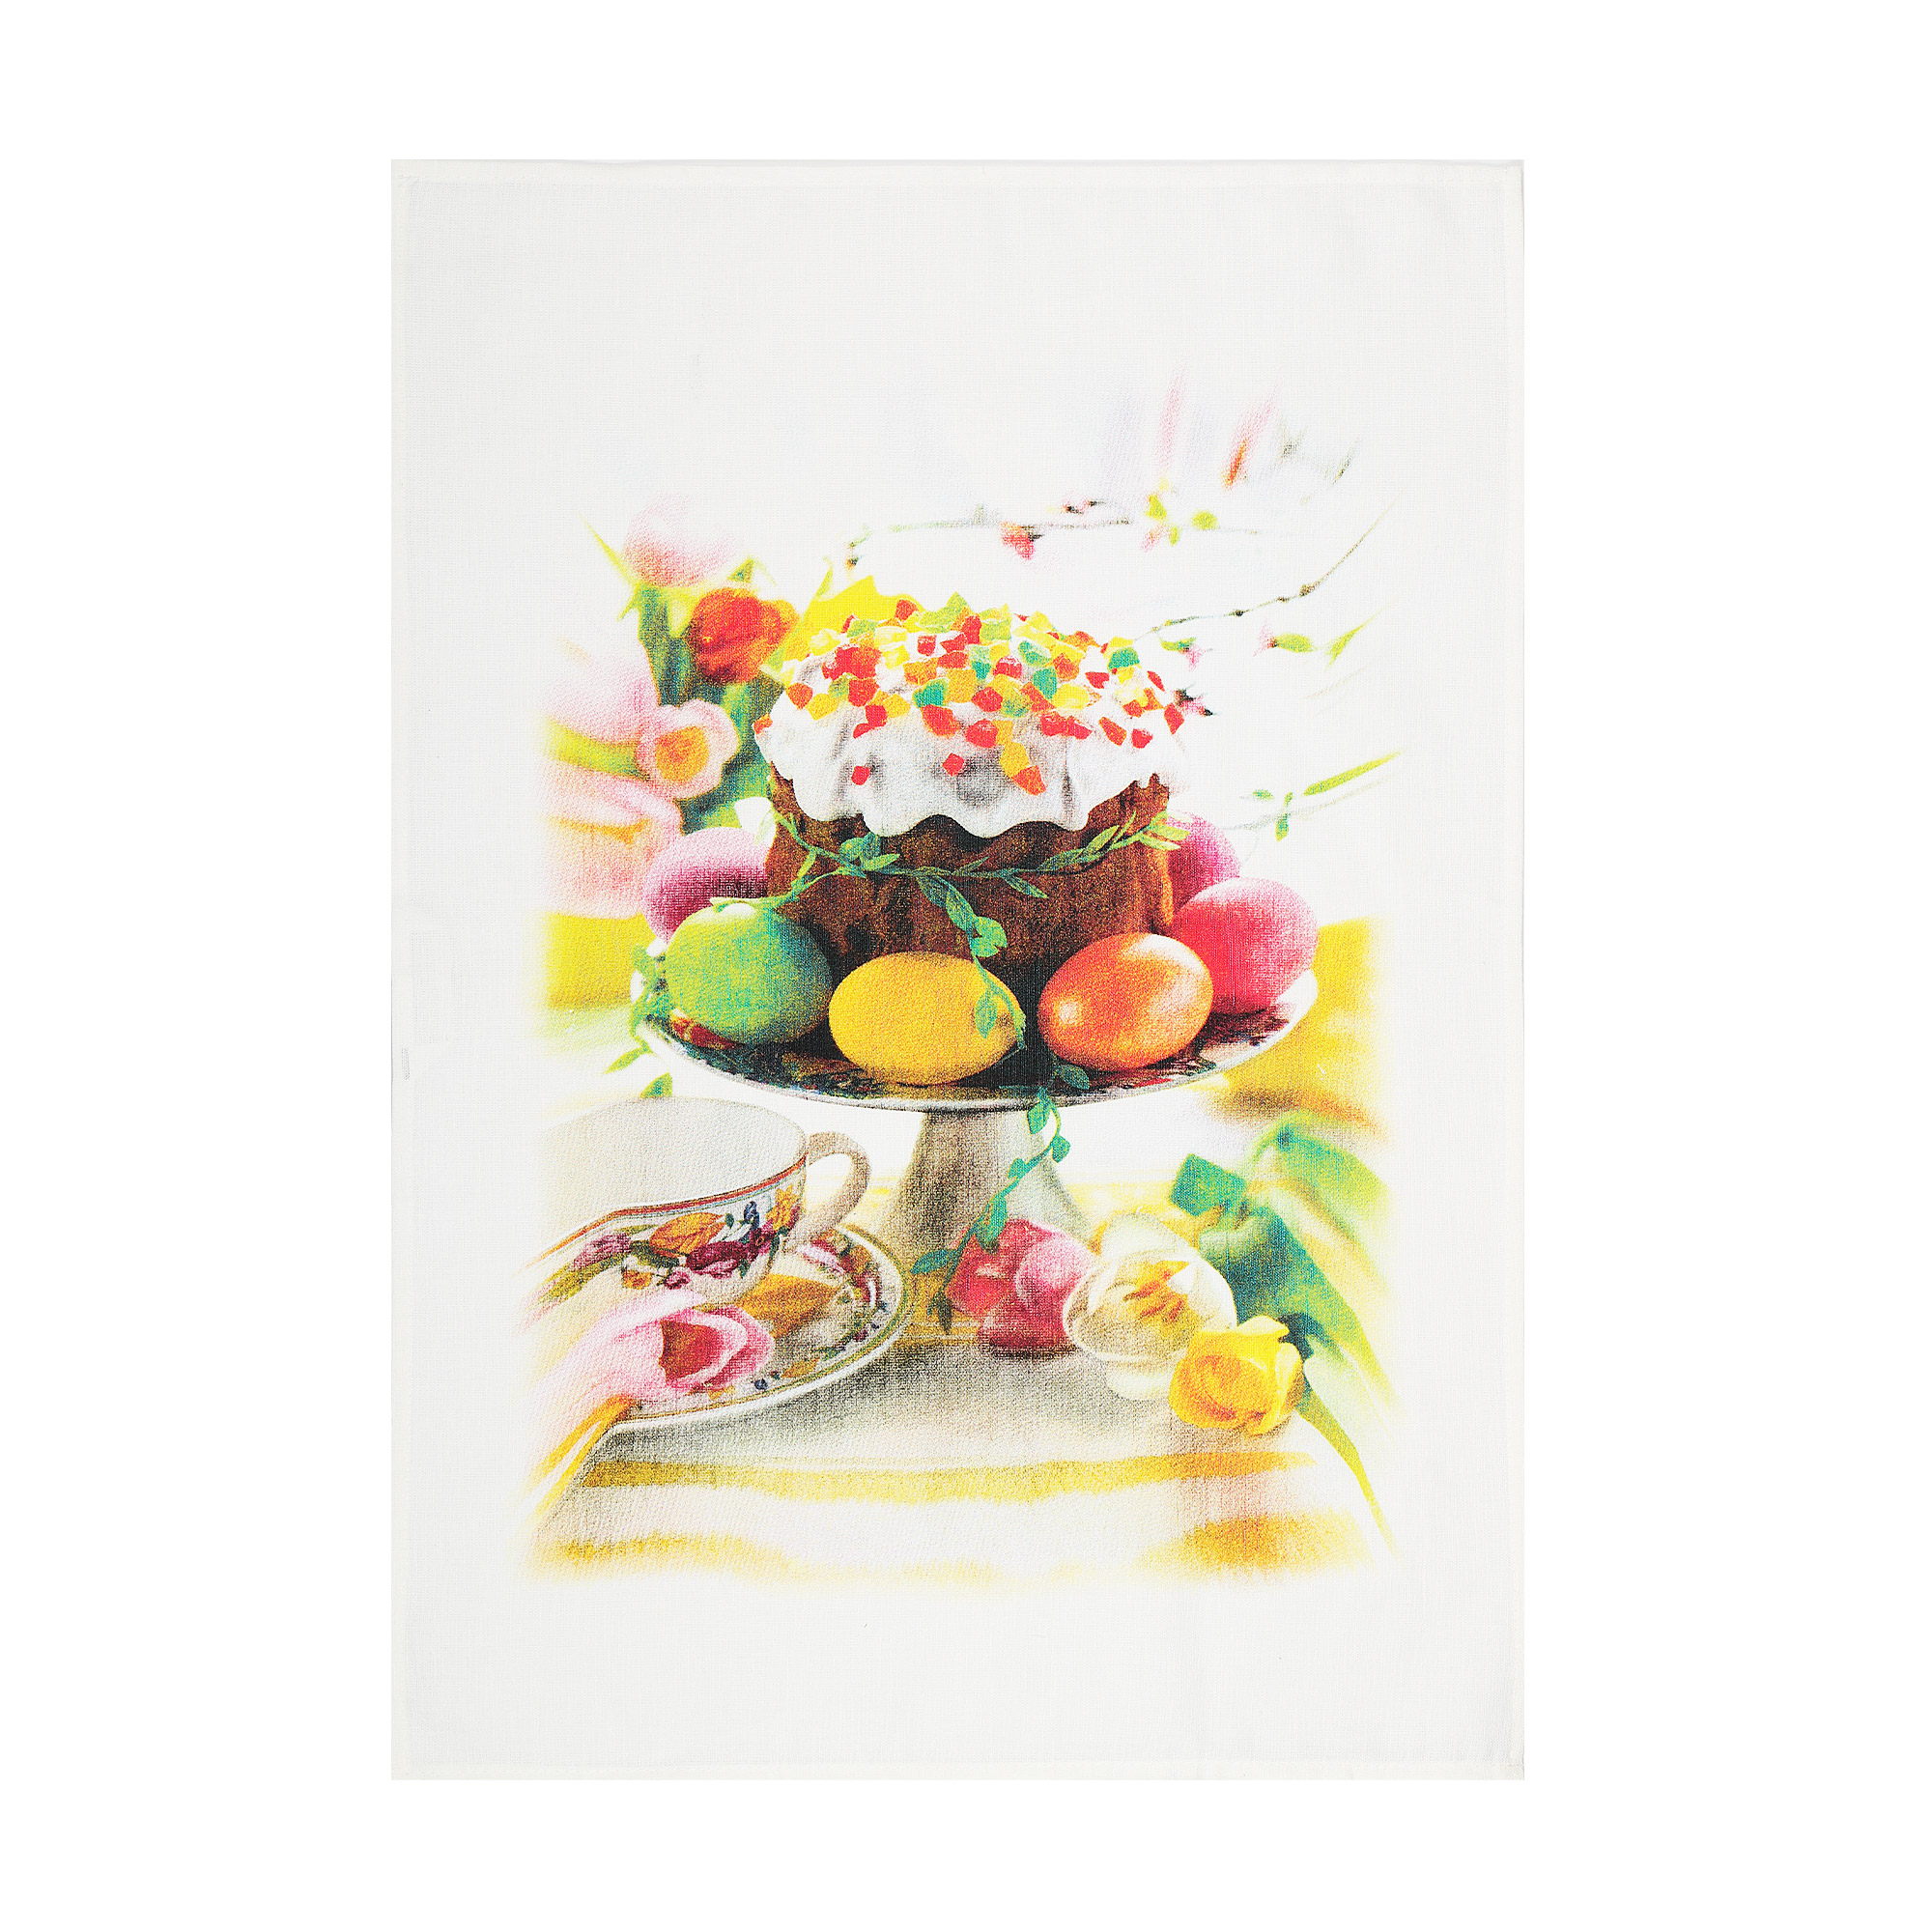 Полотенце кухонное Оршанский льнокомбинат пасхальный завтрак 50х70